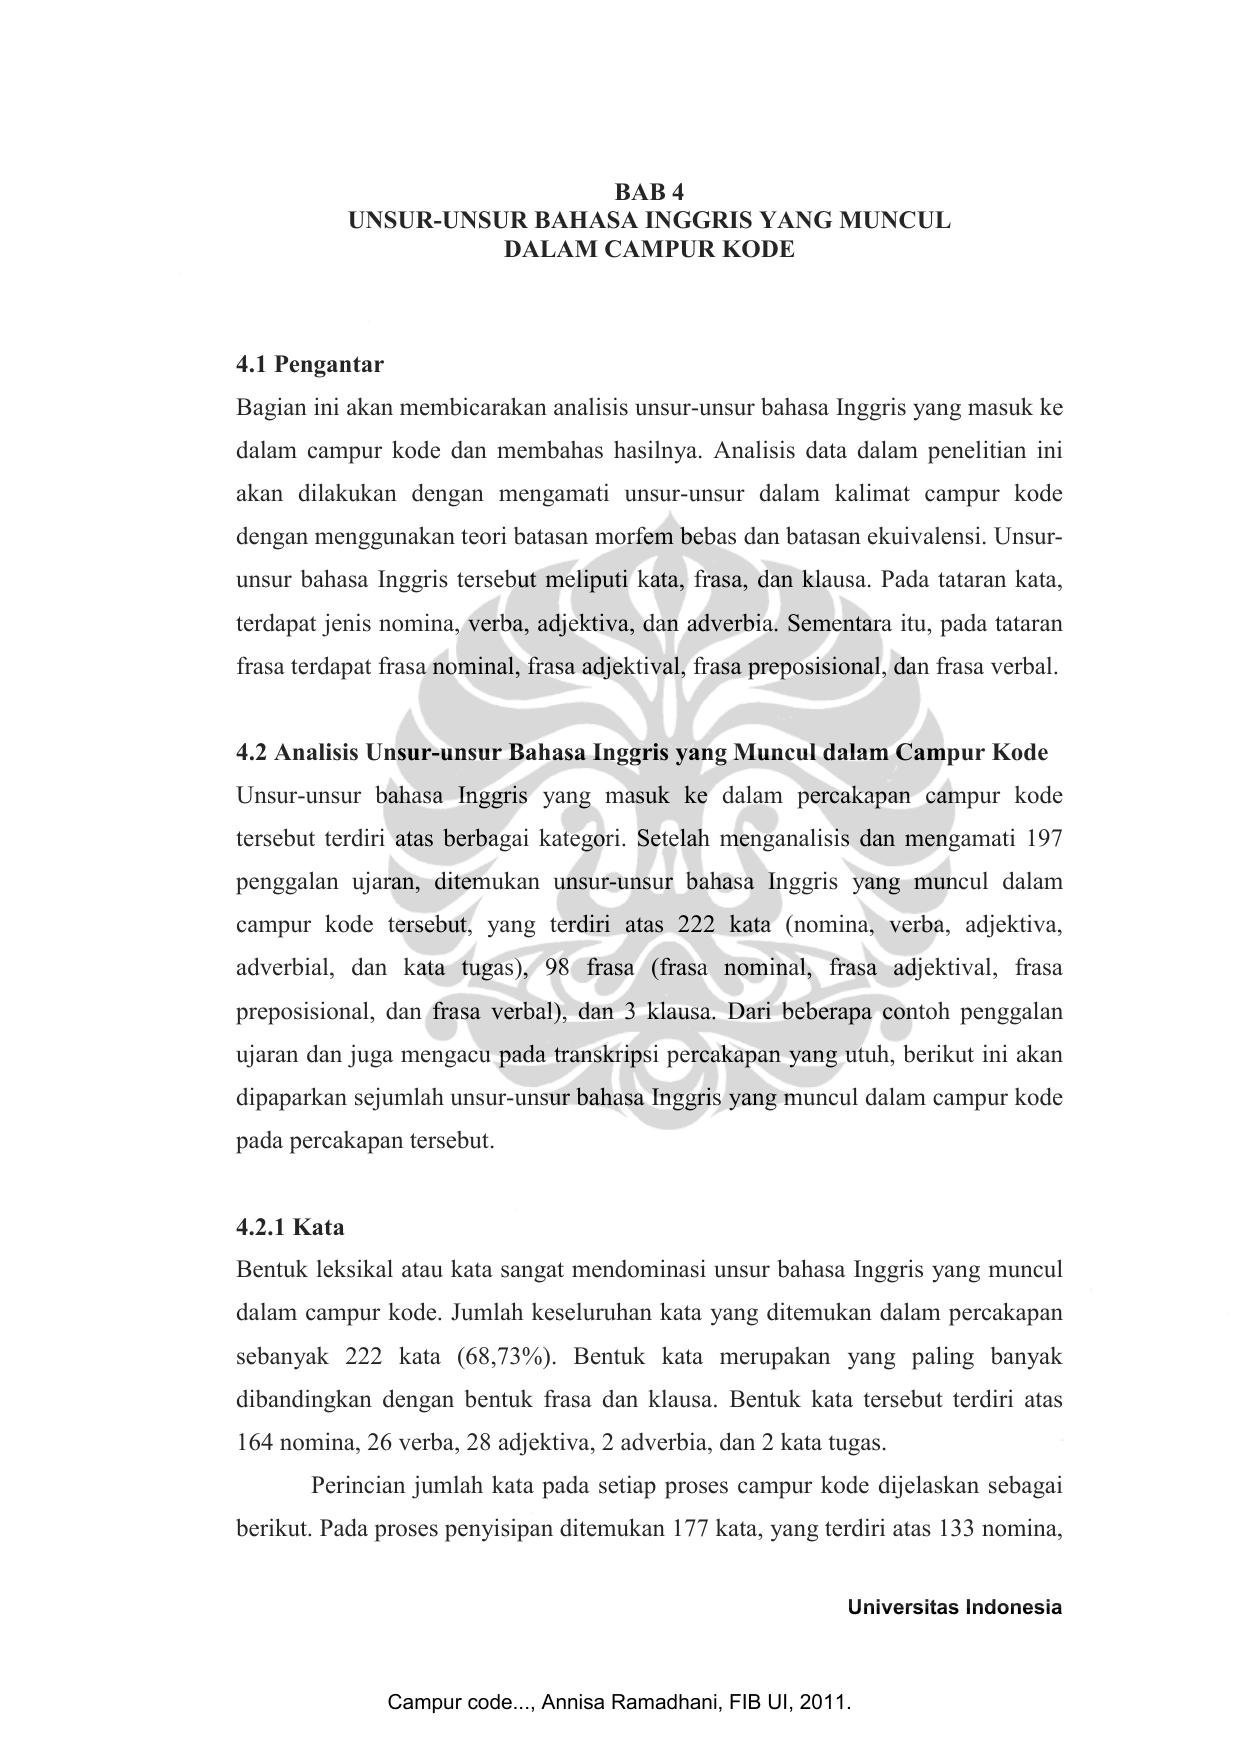 Bab 4 Unsur Unsur Bahasa Inggris Yang Muncul